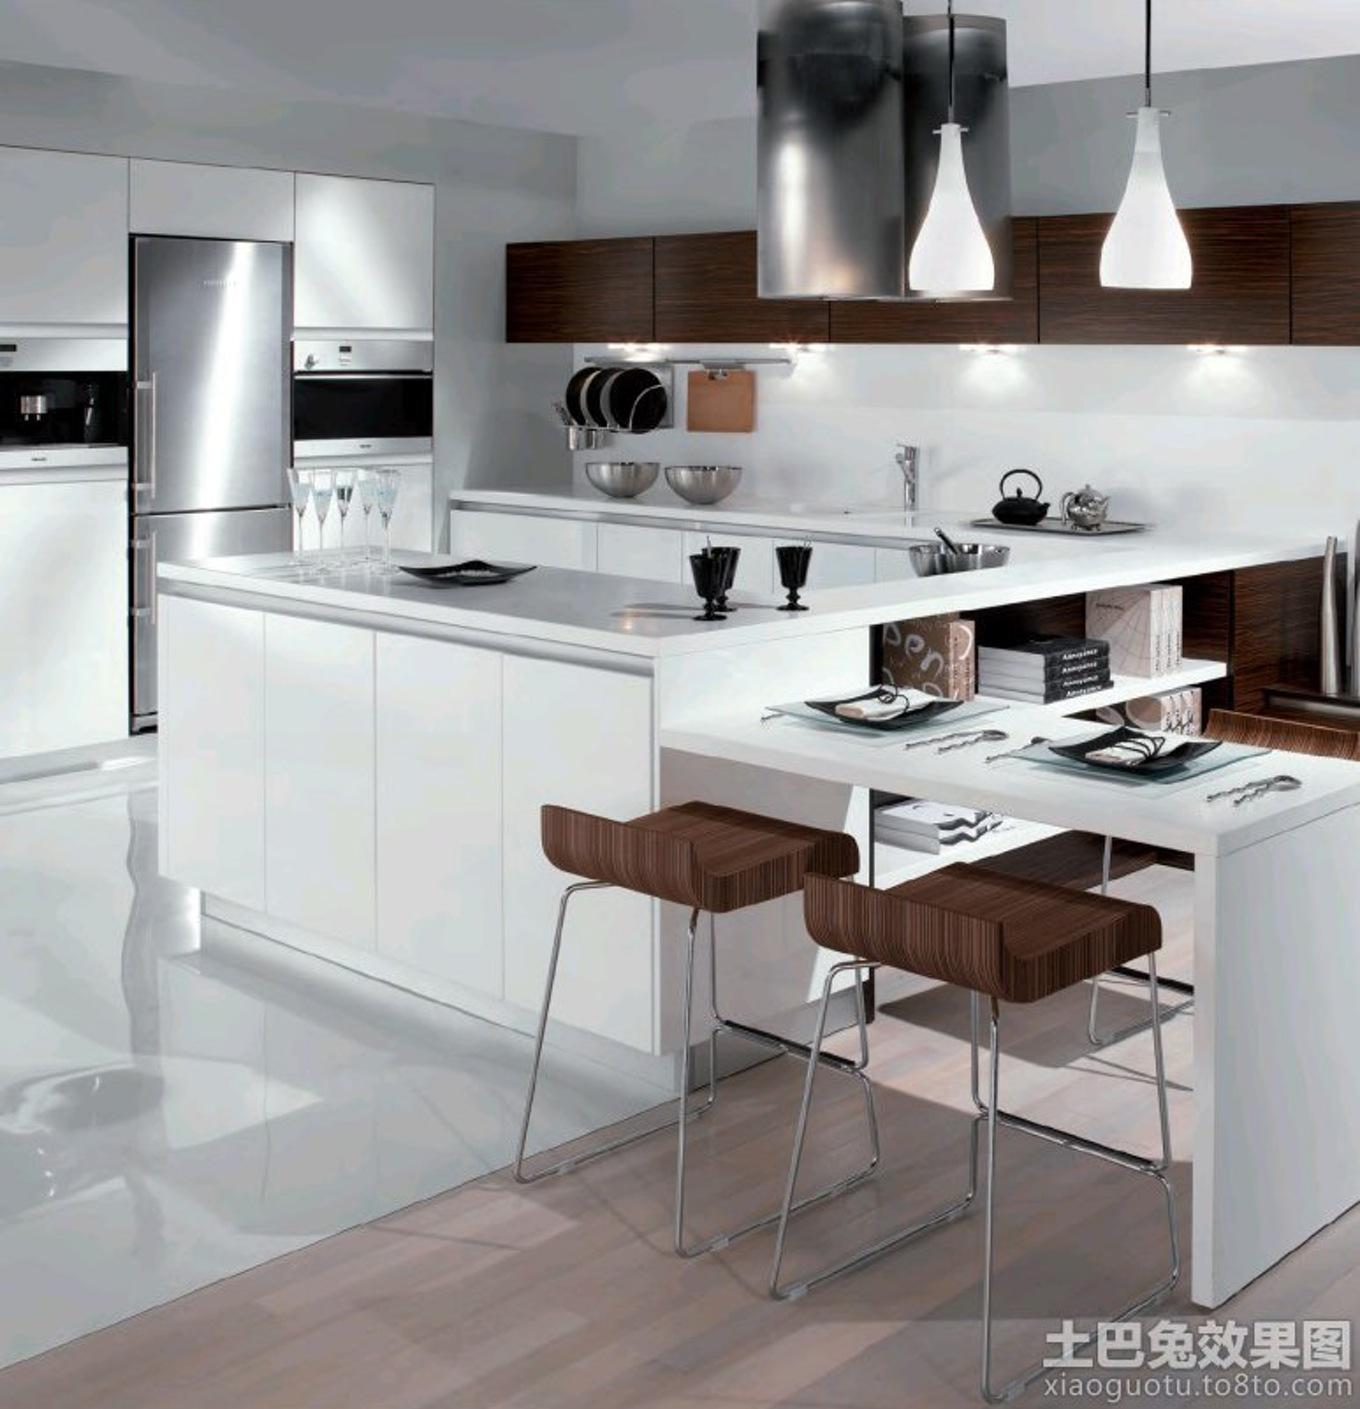 Modele petite cuisine moderne tout sur la cuisine et le mobilier cuisine - Petite cuisine moderne ...